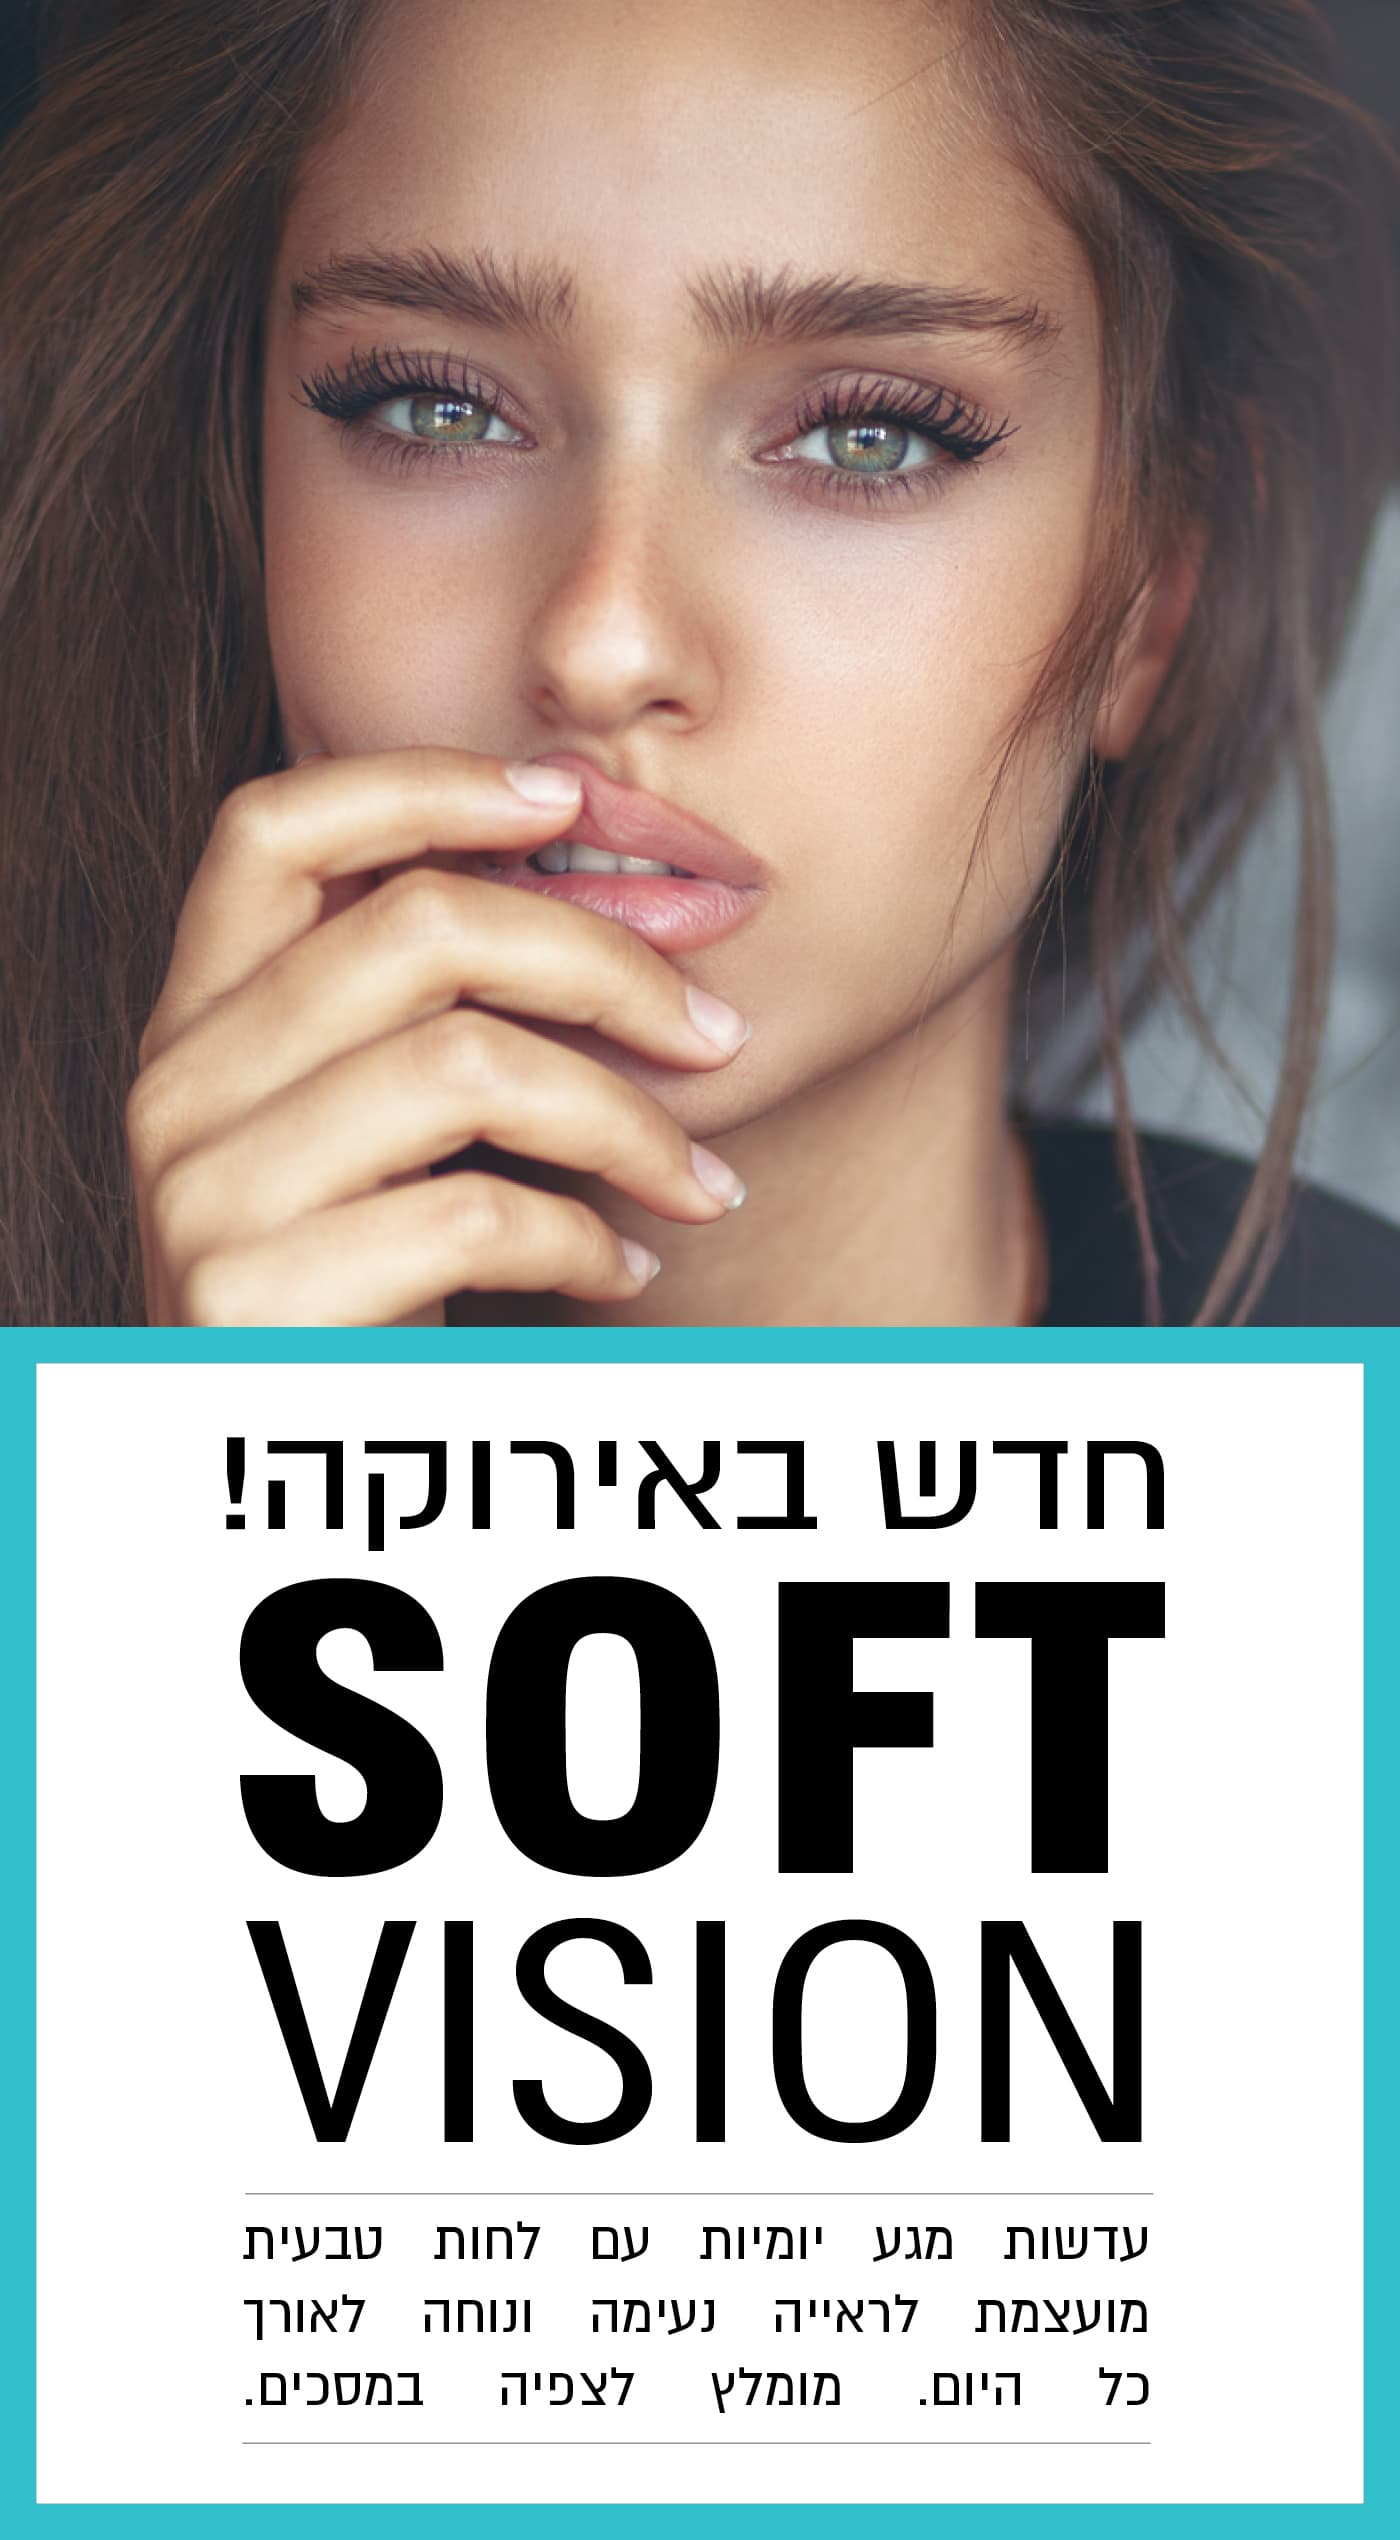 חדש באירוקה! SOFT VISION עדשות מגע יומיות עם לחות טבעית. מעוצבות לראייה נעימה ונוחה לאורך כל היום. מומלץ לצפייה במסכים